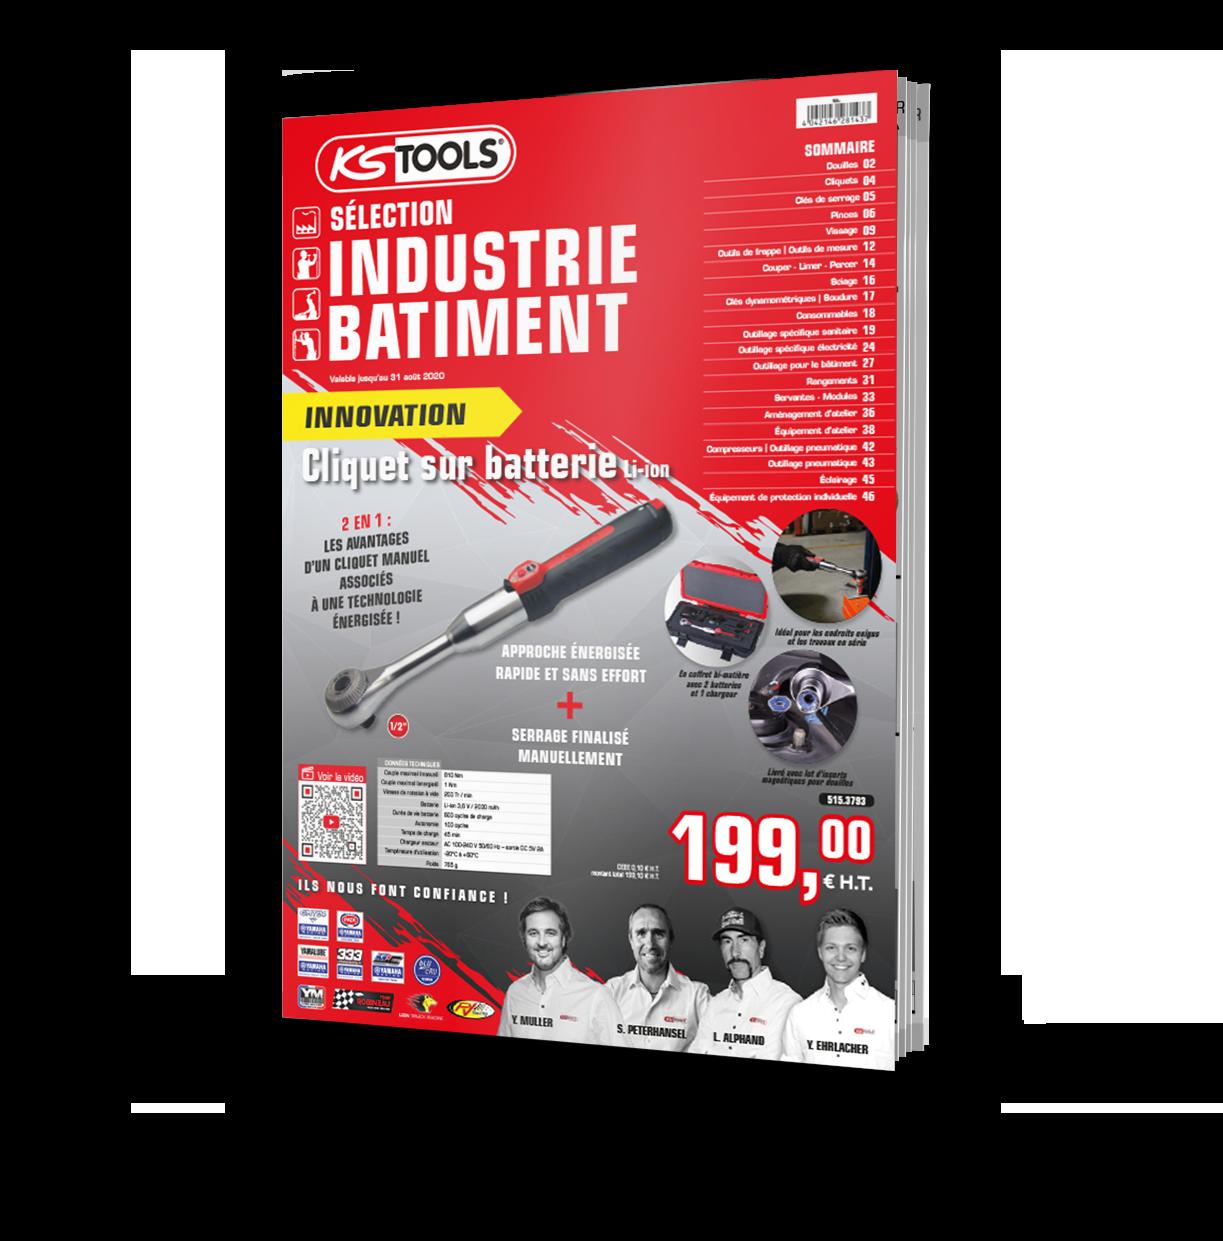 Sélection outils KS TOOLS Industrie 2020